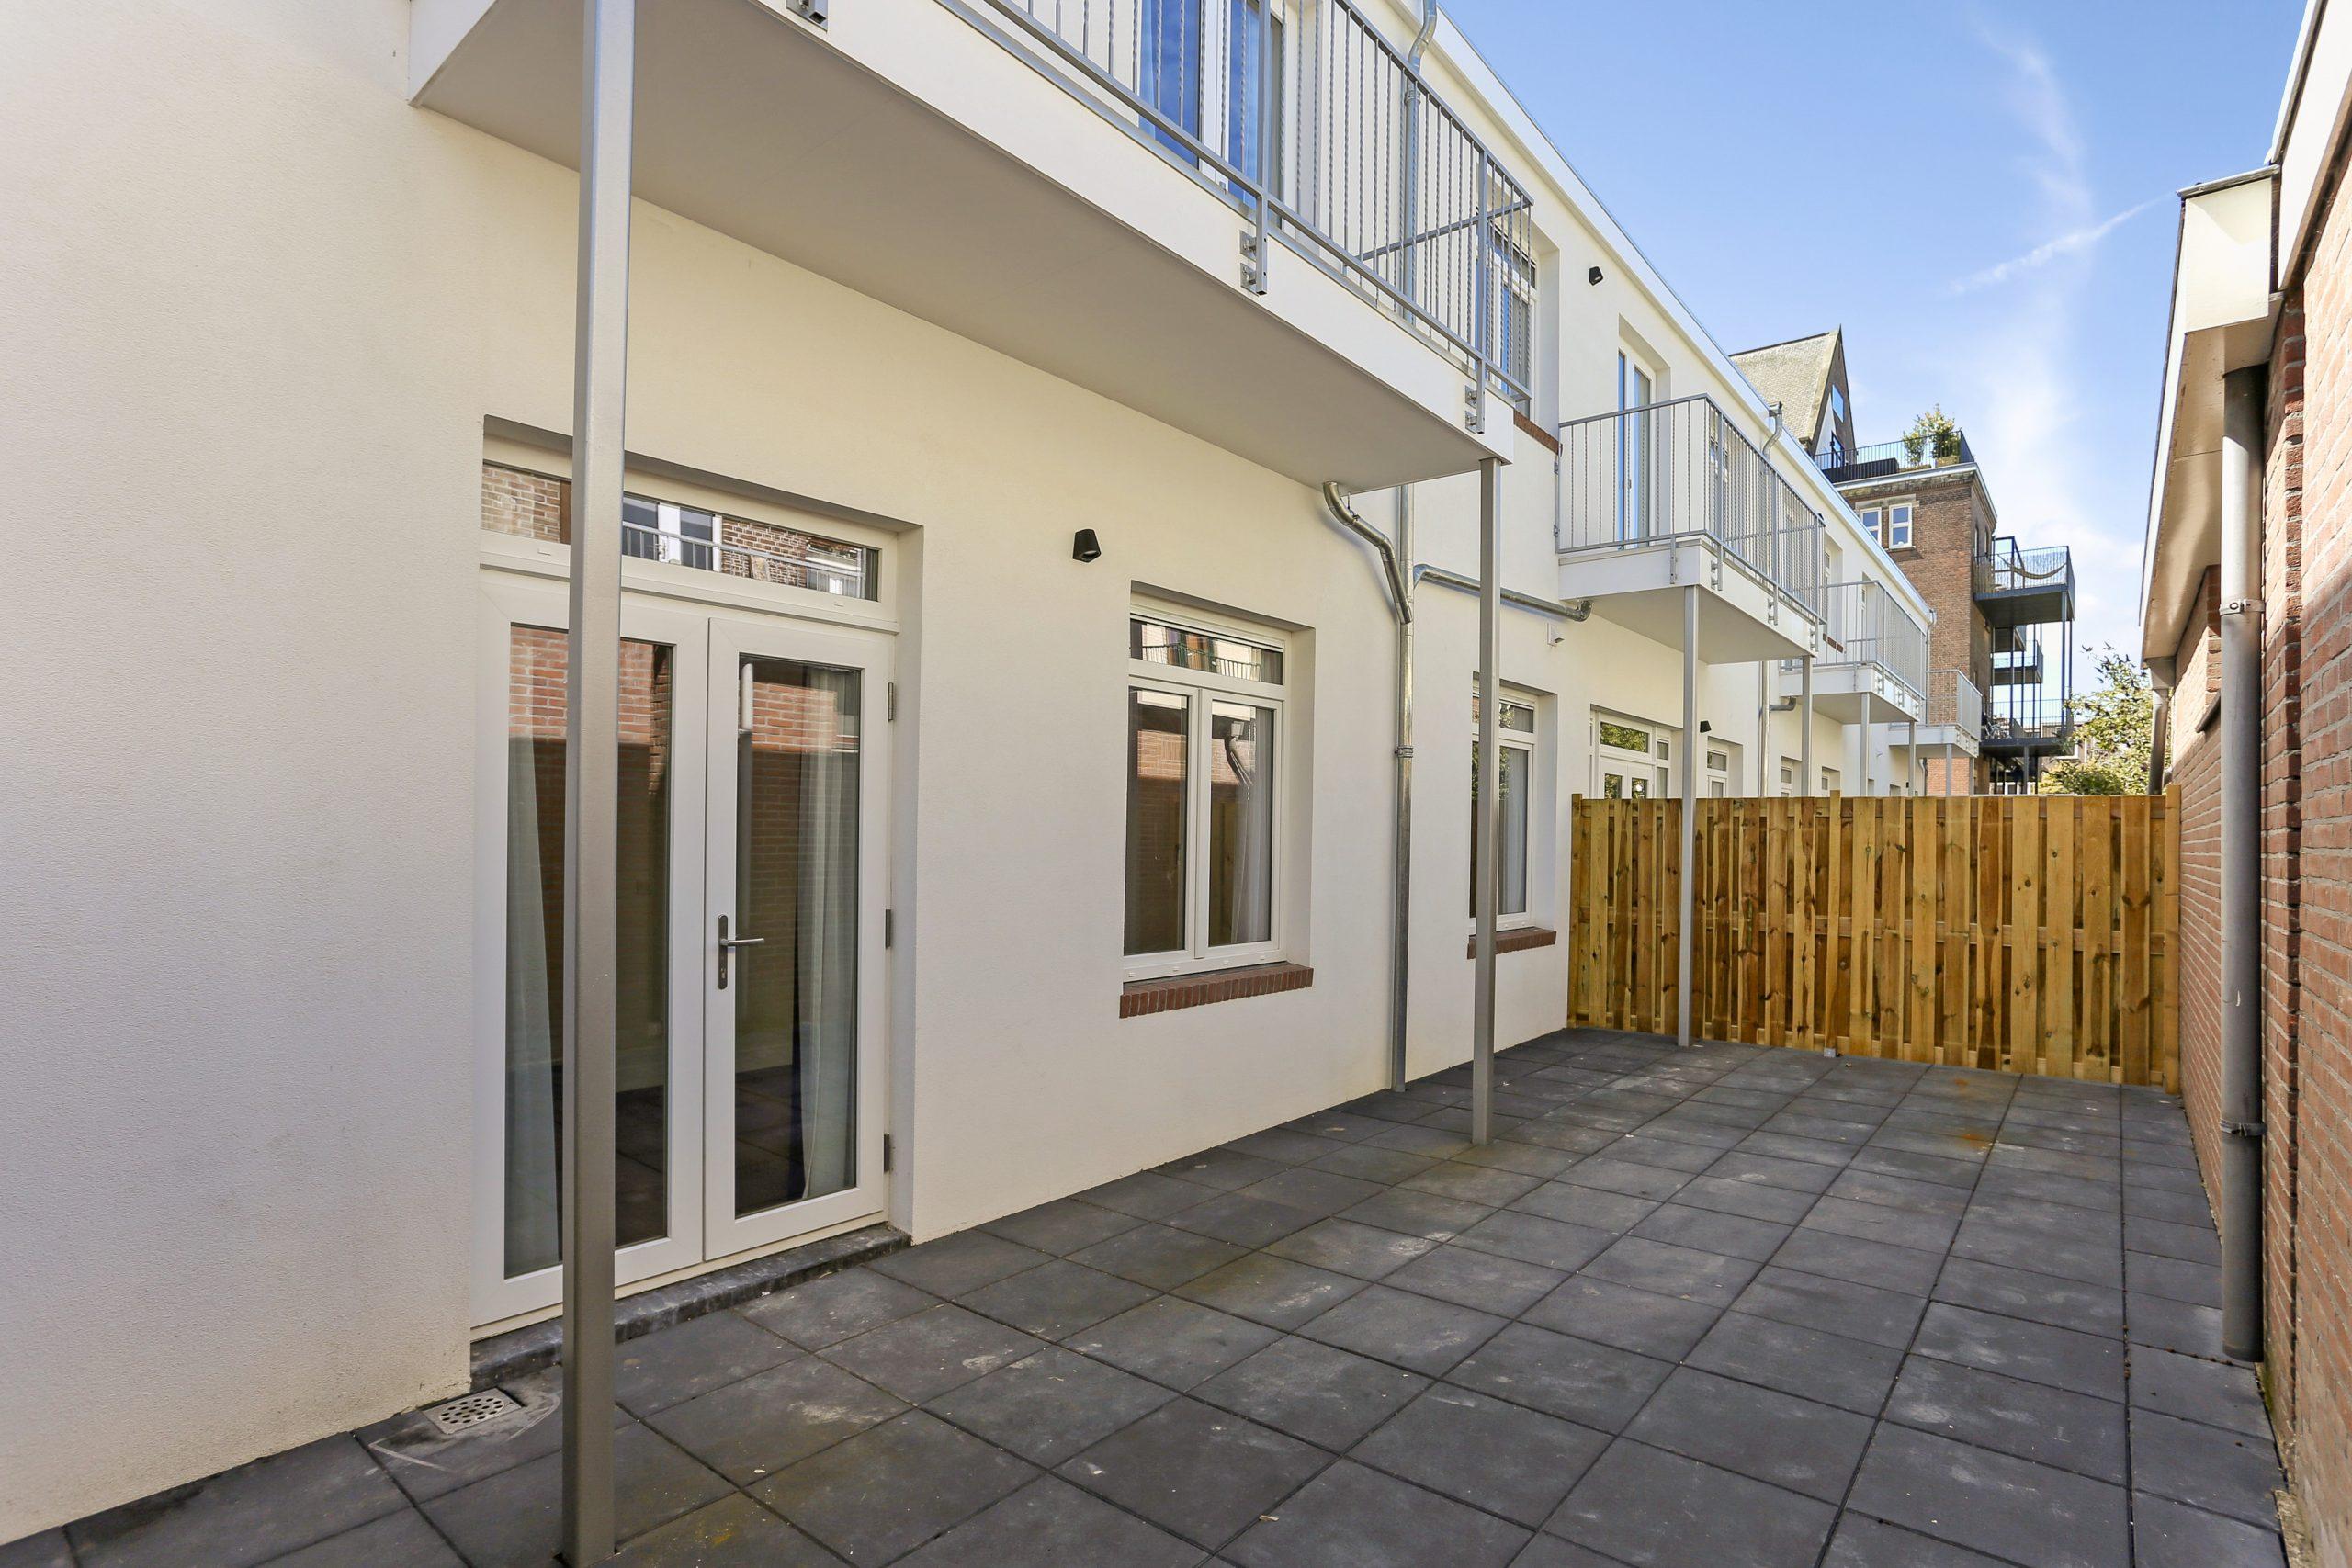 Turn-key Houses realiseert 9 turn-key nieuwbouw appartementen in het centrum van Den Haag.